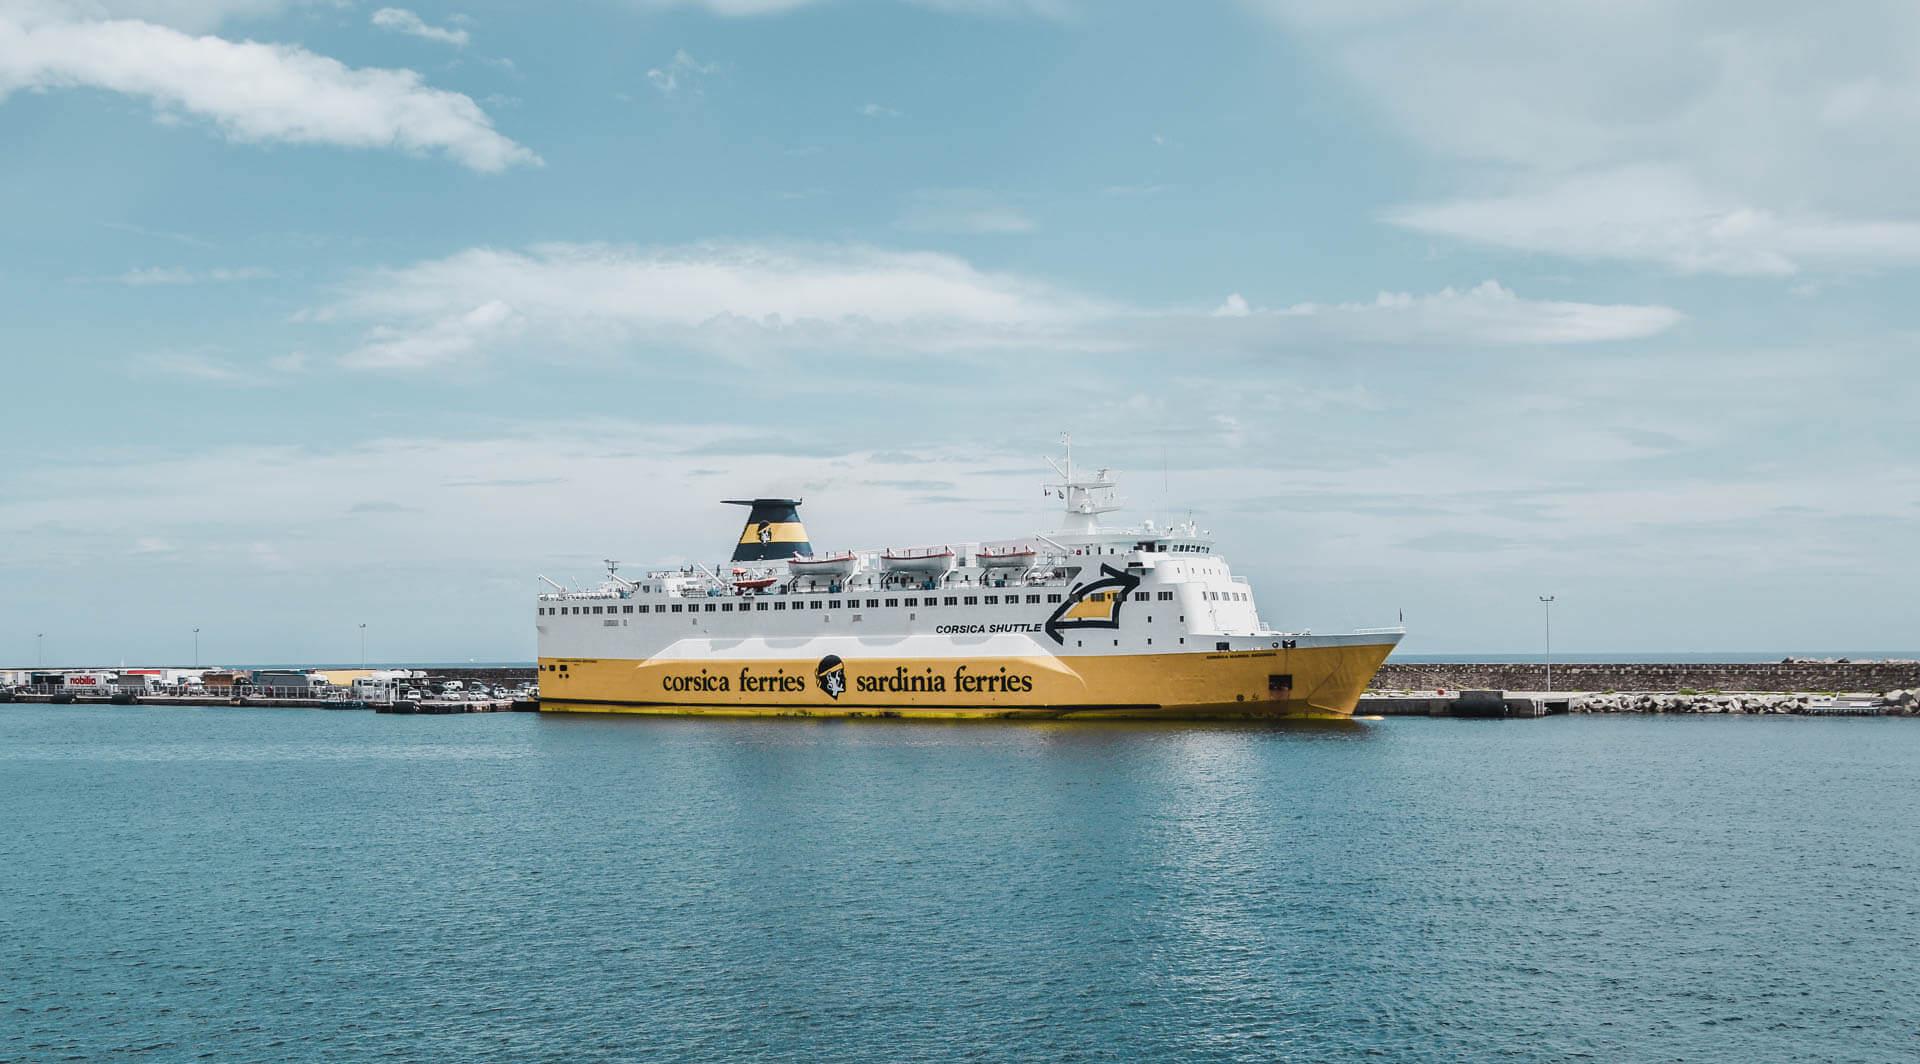 Der går mange færger til Korsika. Her er det en af Corsica-ferries som ligger i havnen.